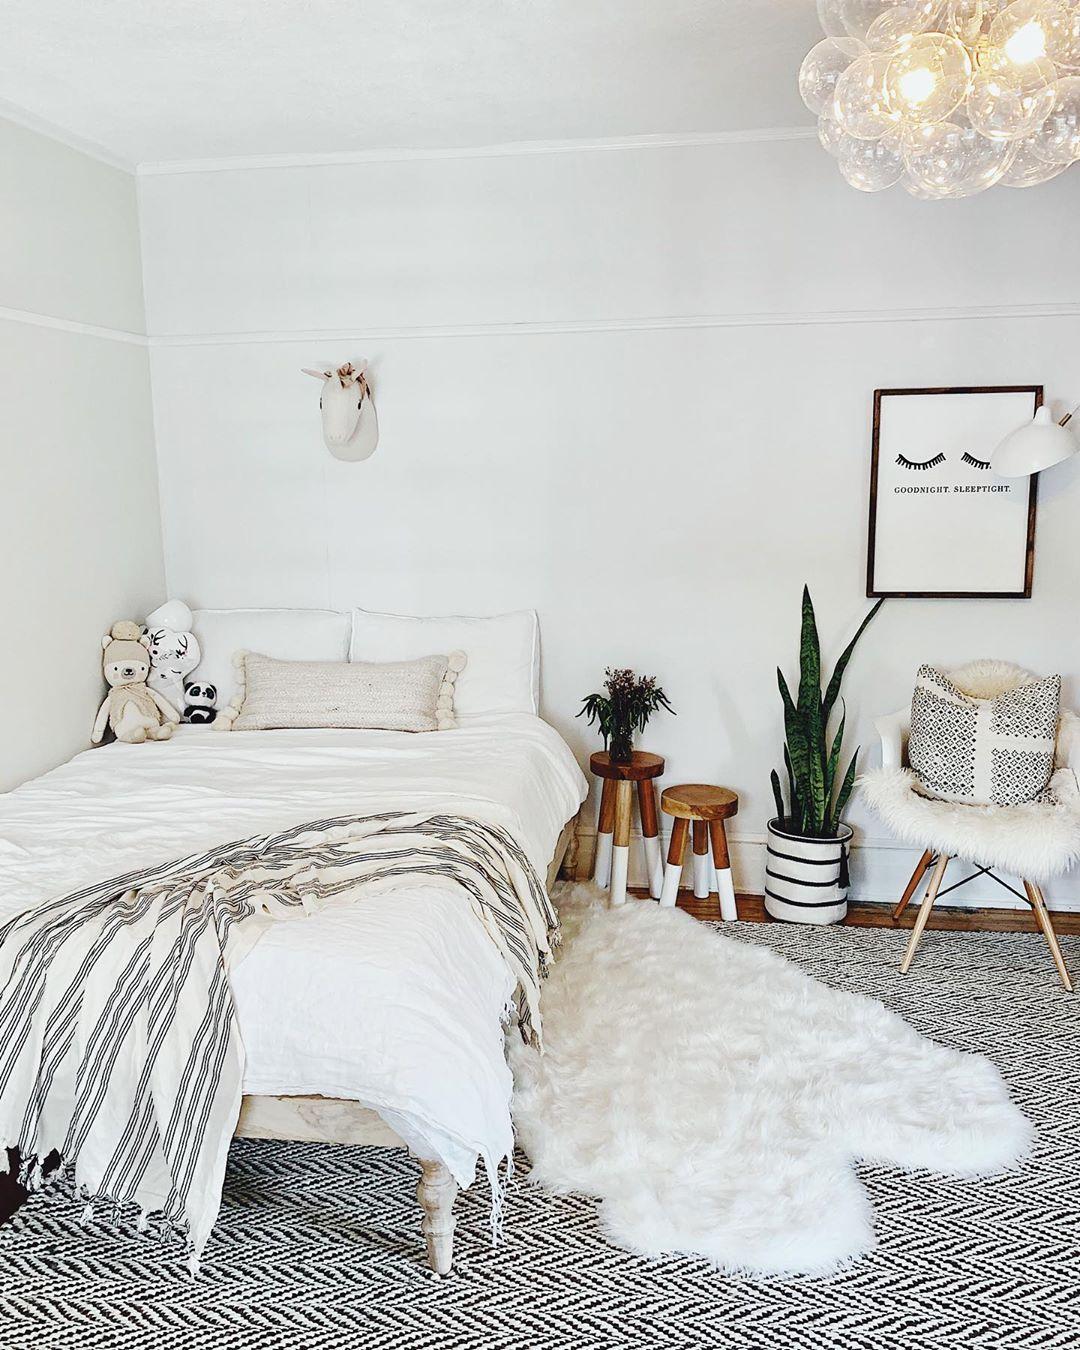 The Complete Set In Linen In 2020 Room Ideas Bedroom Bedroom Interior Bedroom Decor